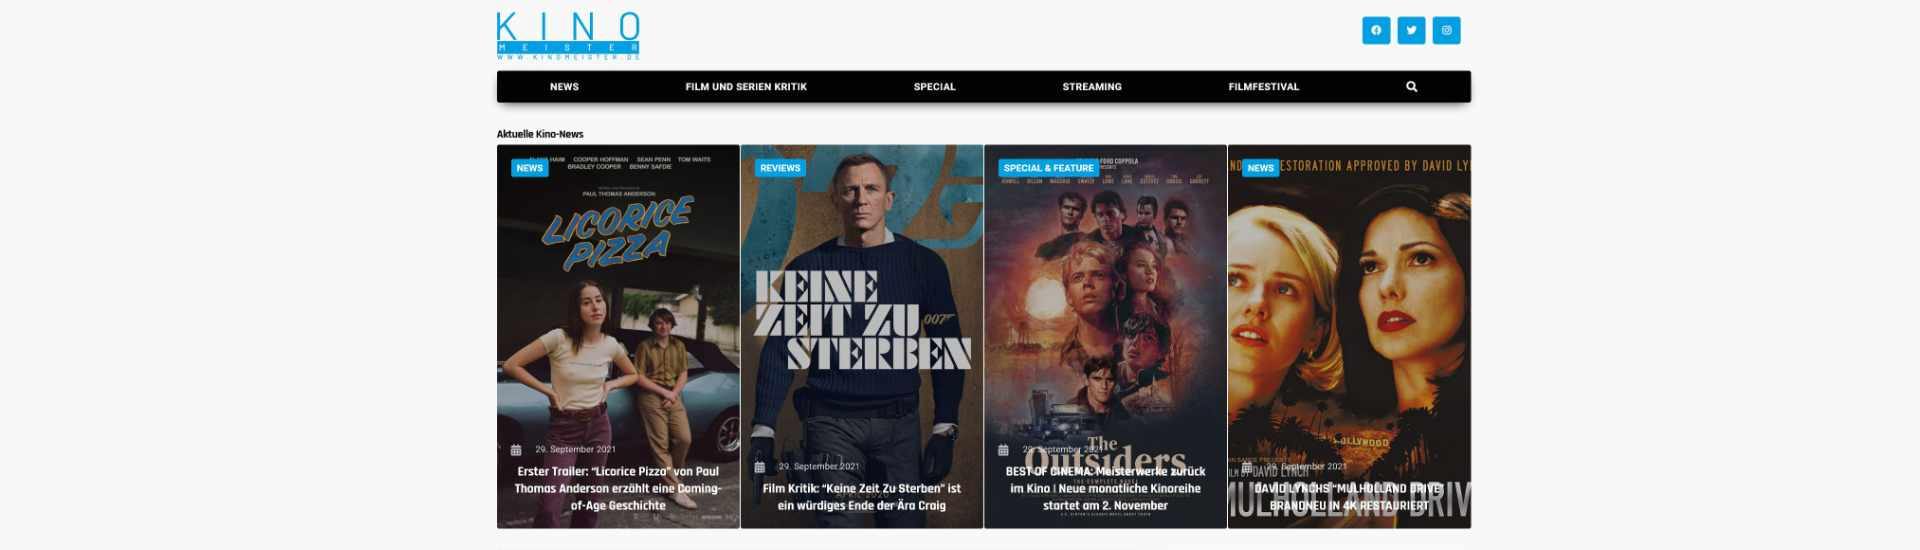 Die Startseite von kinomeister.de